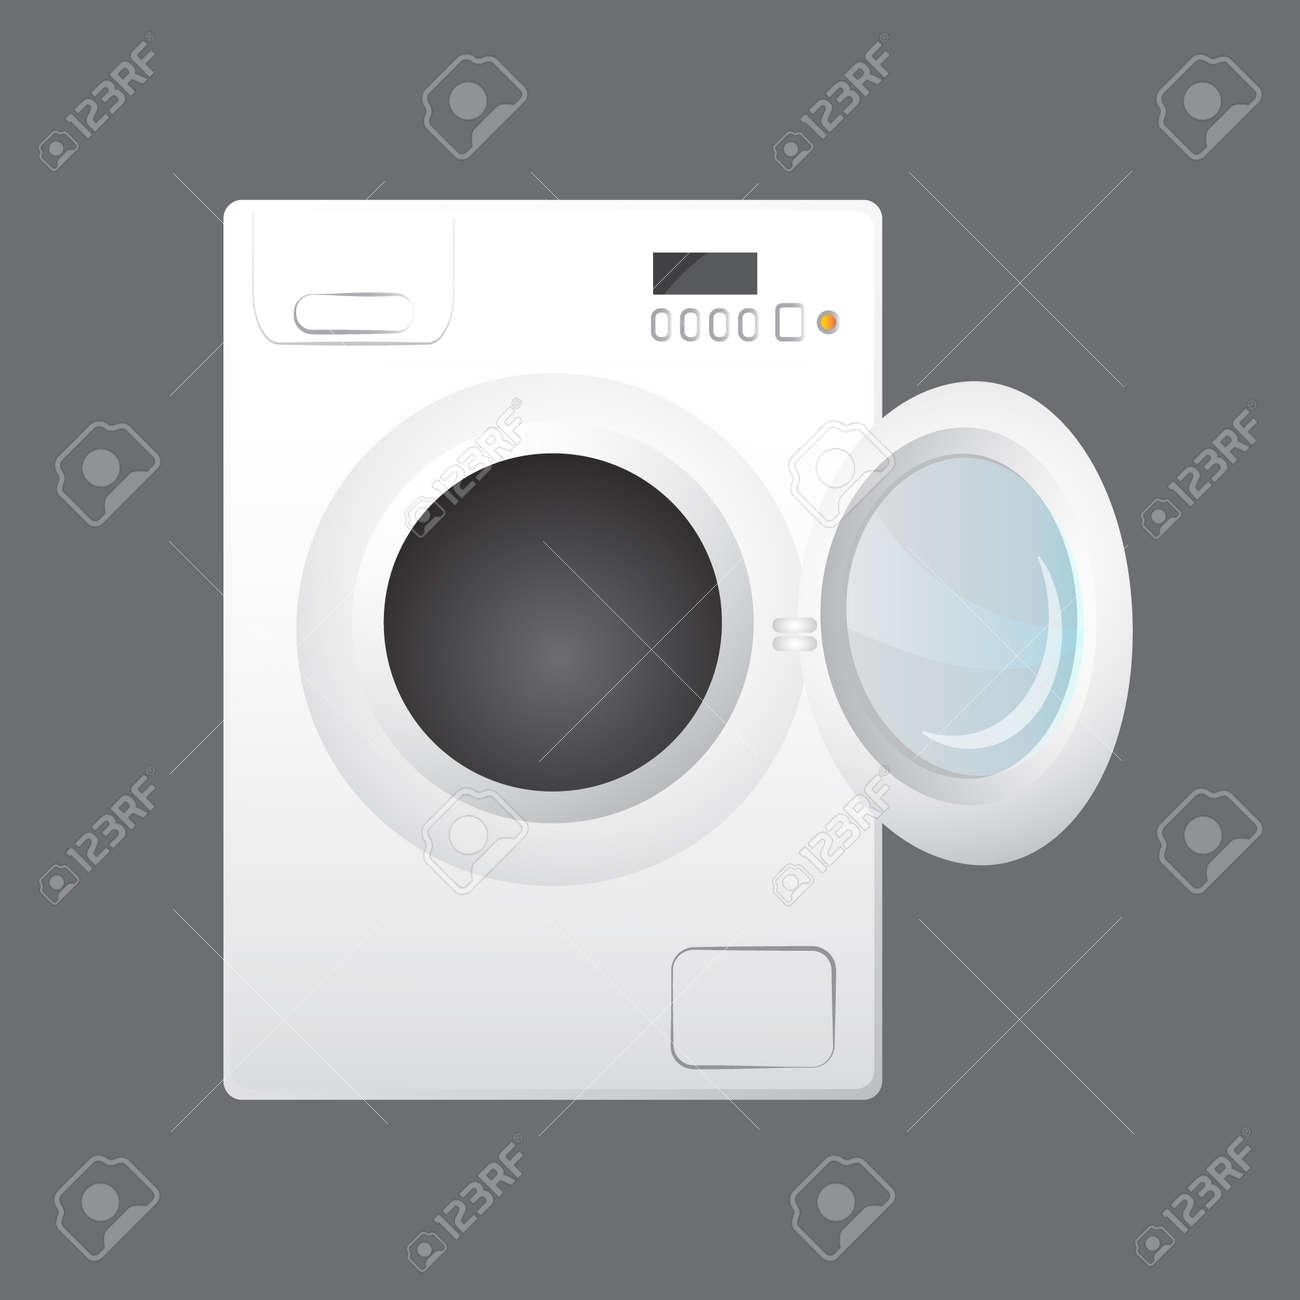 Betere Wasmachine Op Grijze Achtergrond Wordt Geïsoleerd Die Royalty QY-94